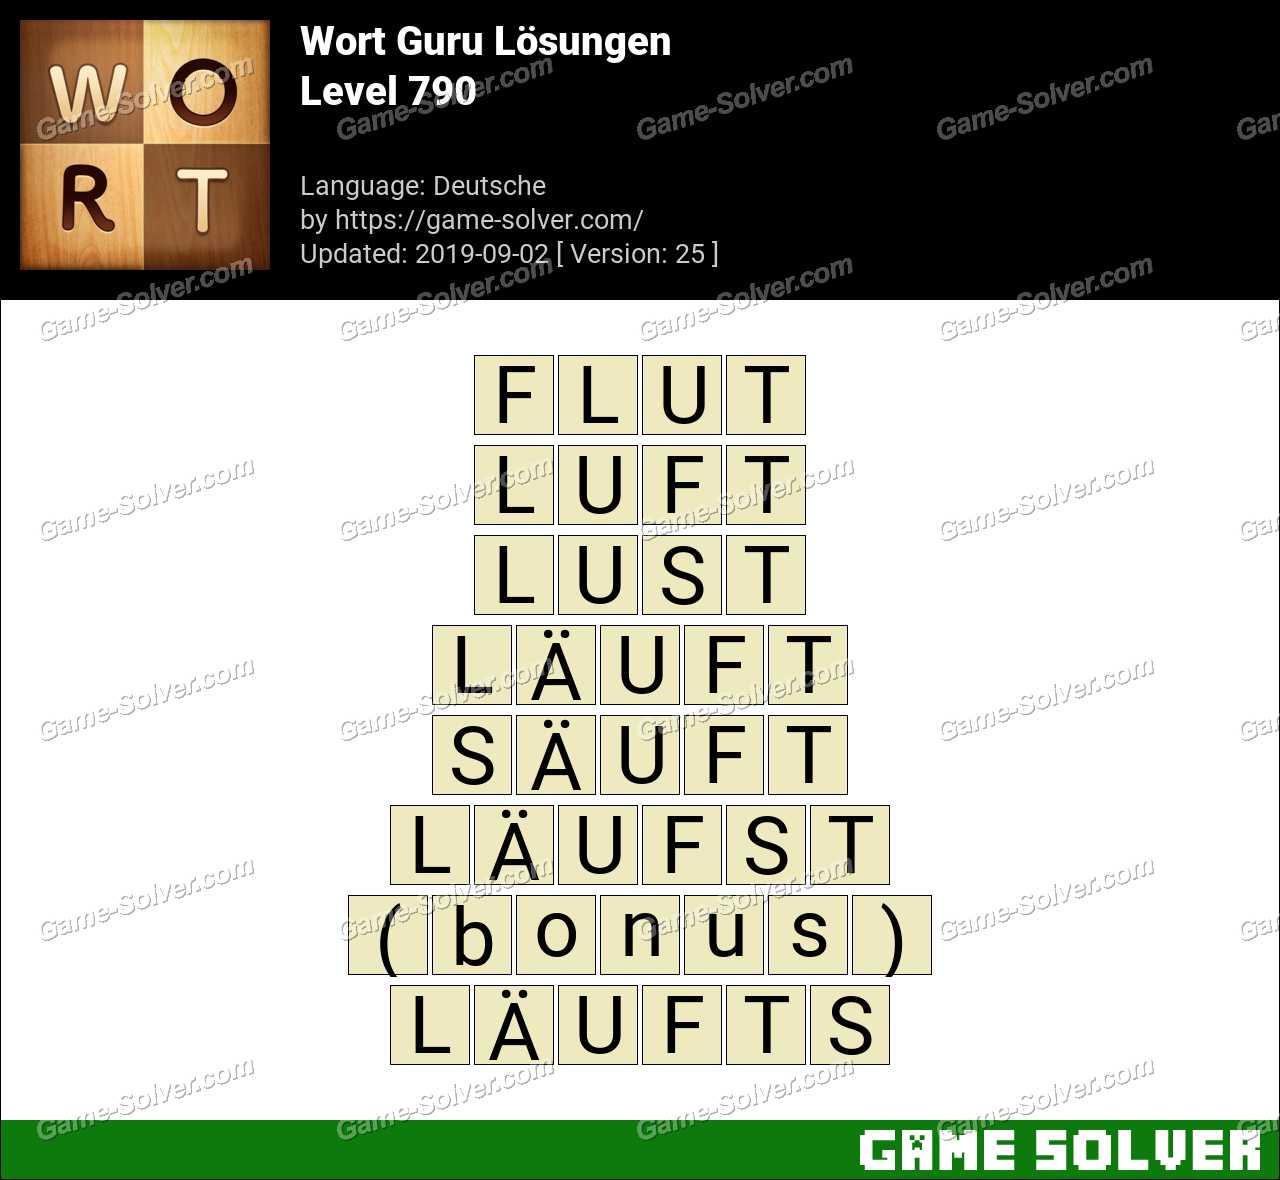 Wort Guru Level 790 Lösungen